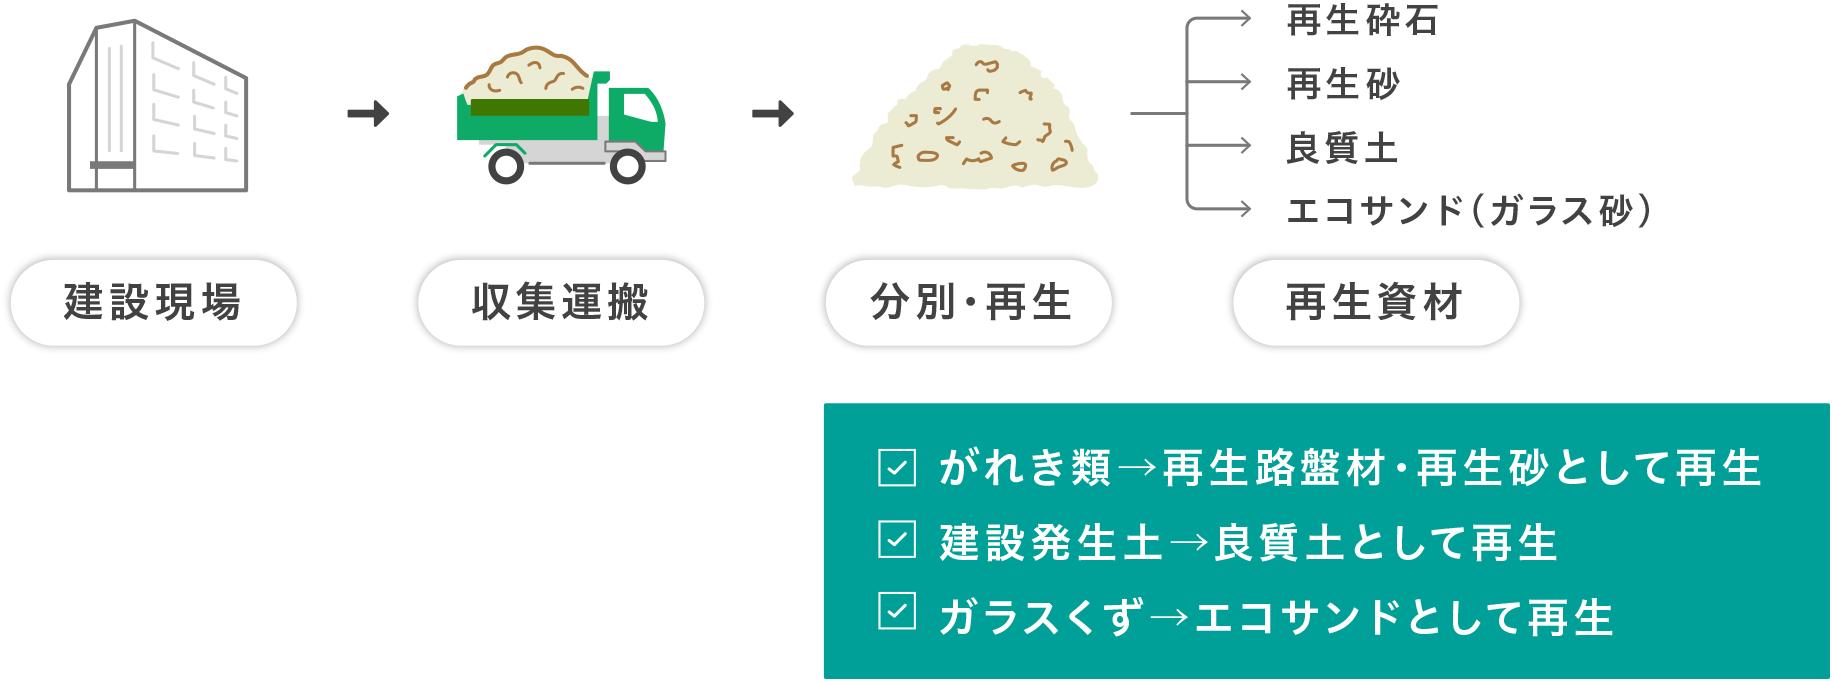 生産フロー説明図